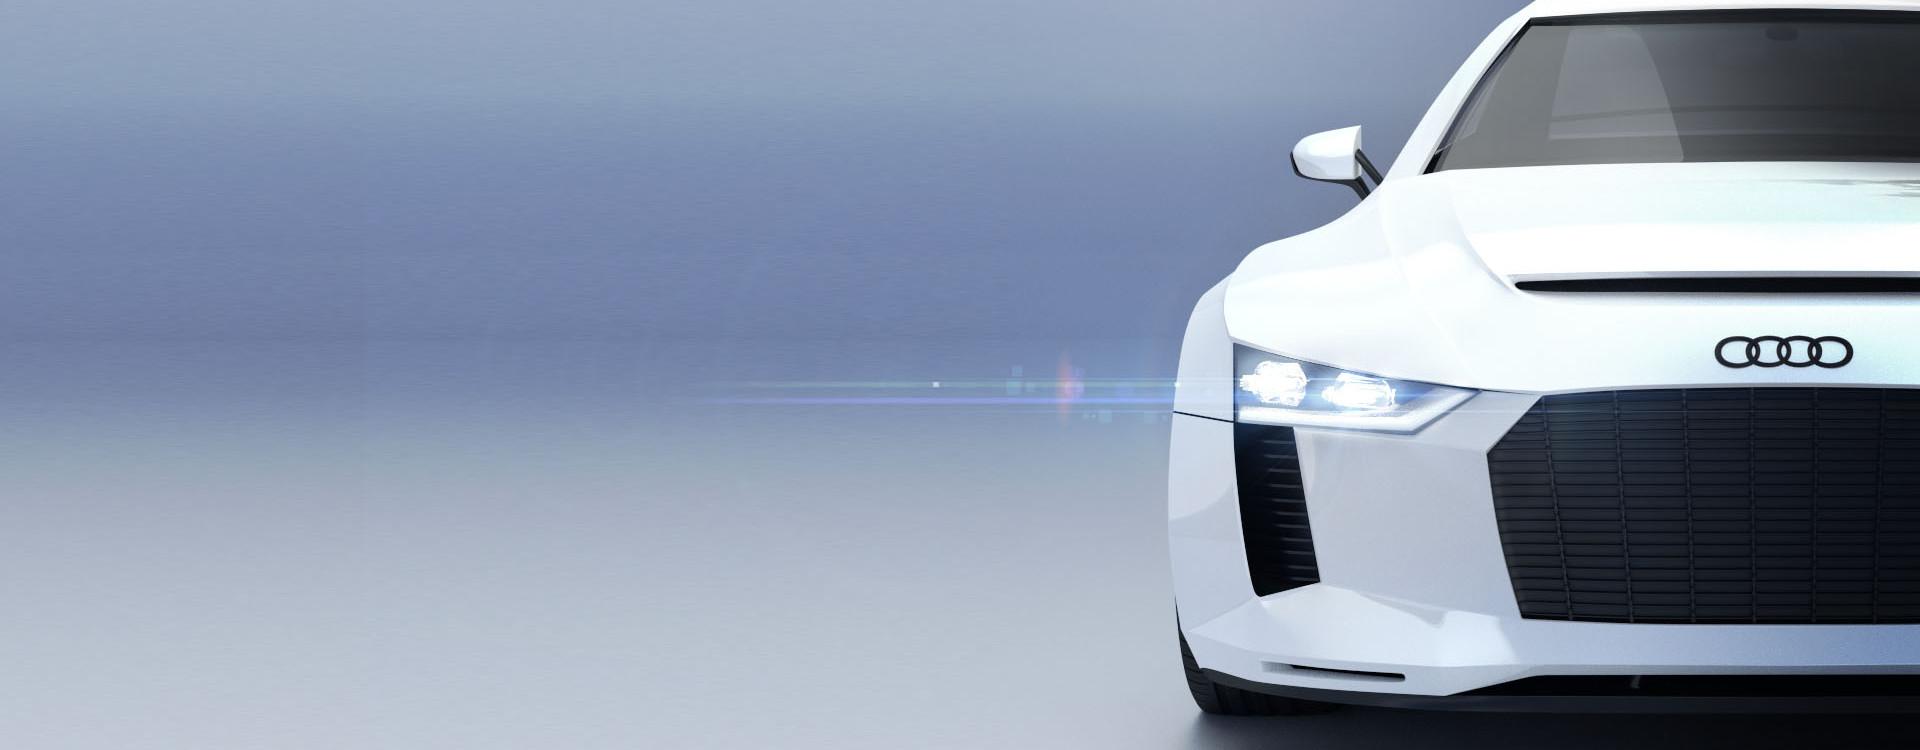 Blender for Industrial Designer - Florian Mack - Audi Quattro 3D Modell